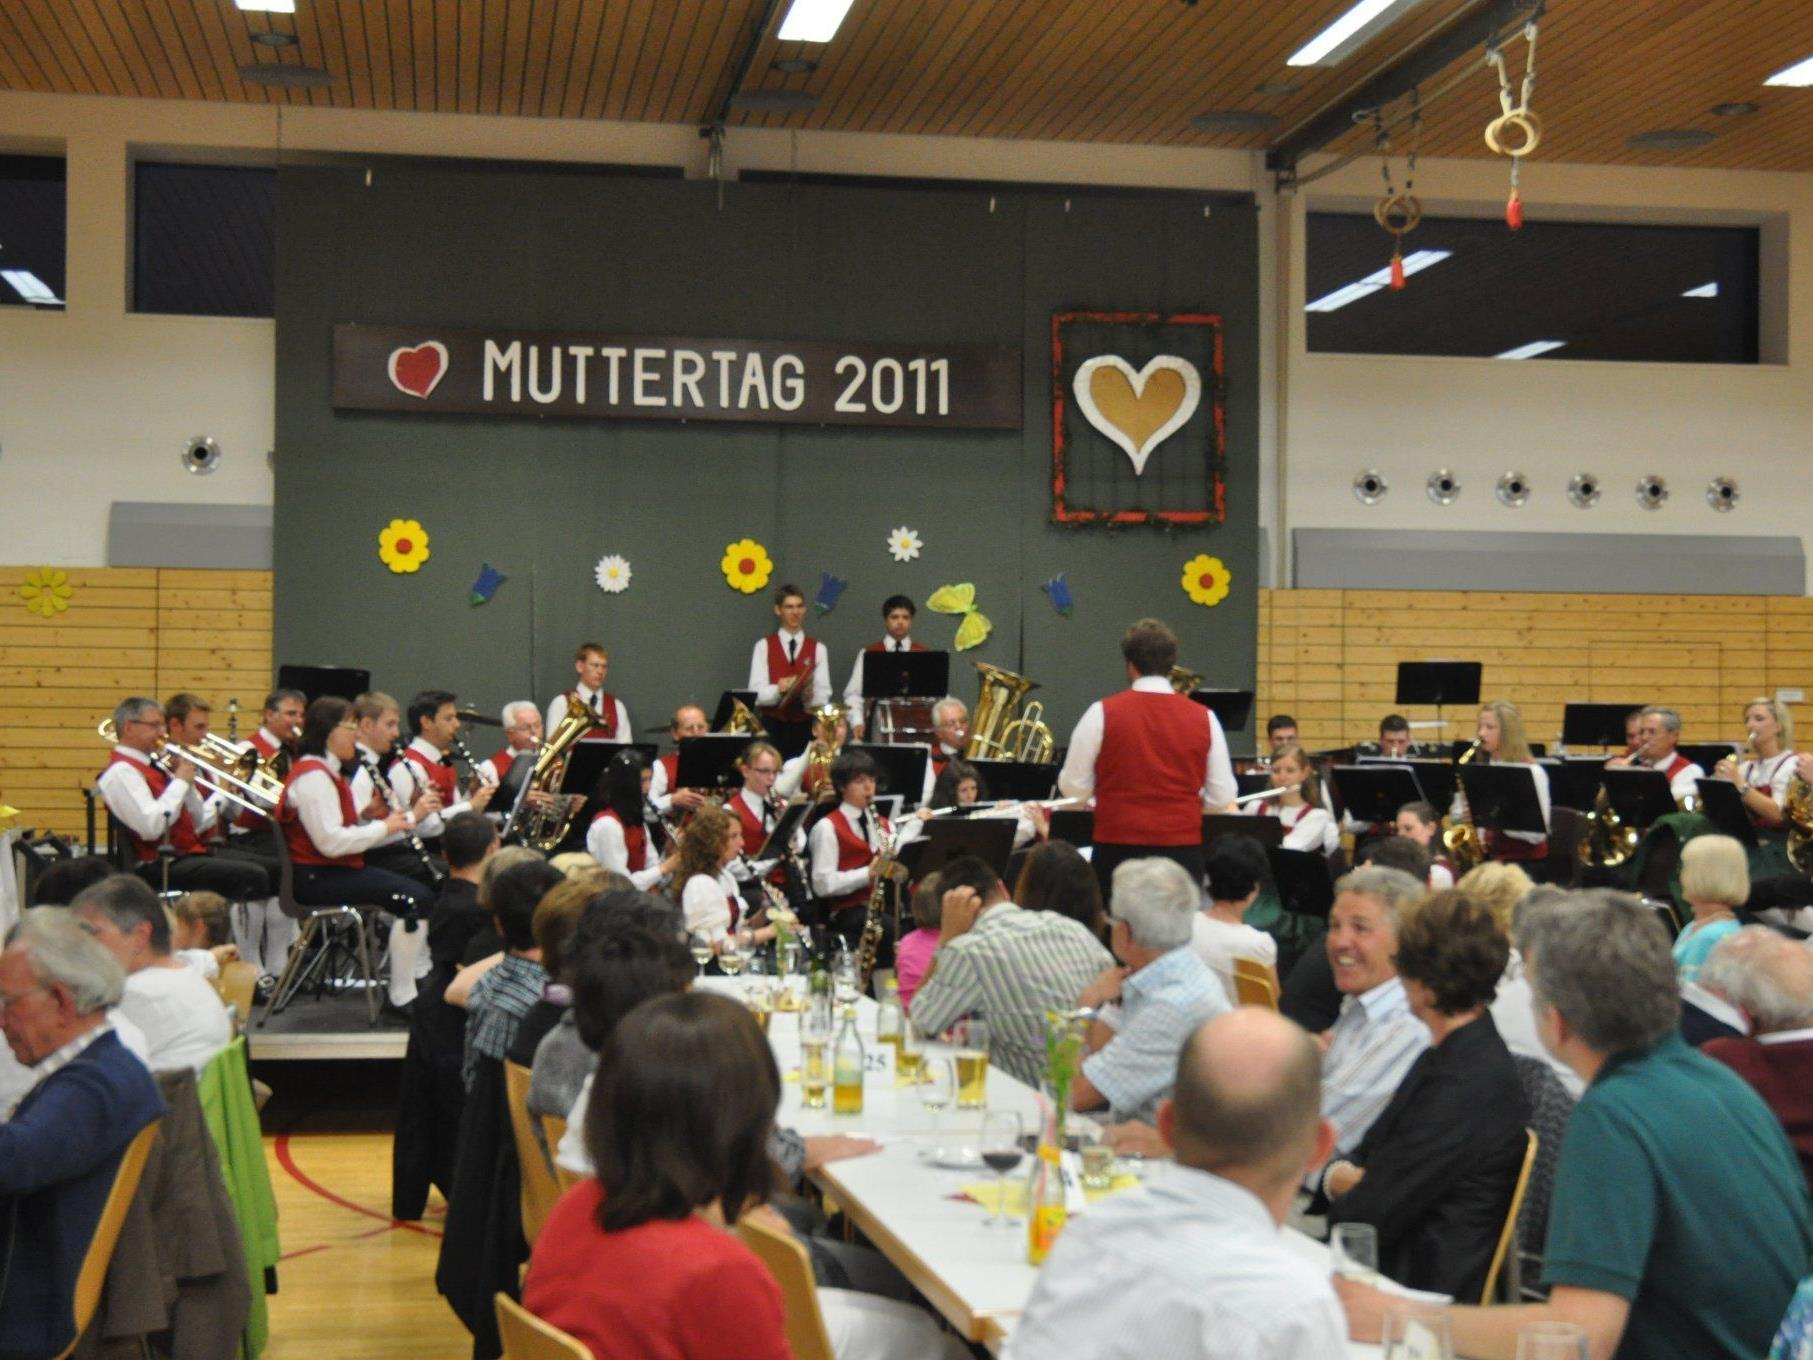 Der Schützenmusikverein lädt zum Muttertagskonzert in den Mehrzwecksaal.